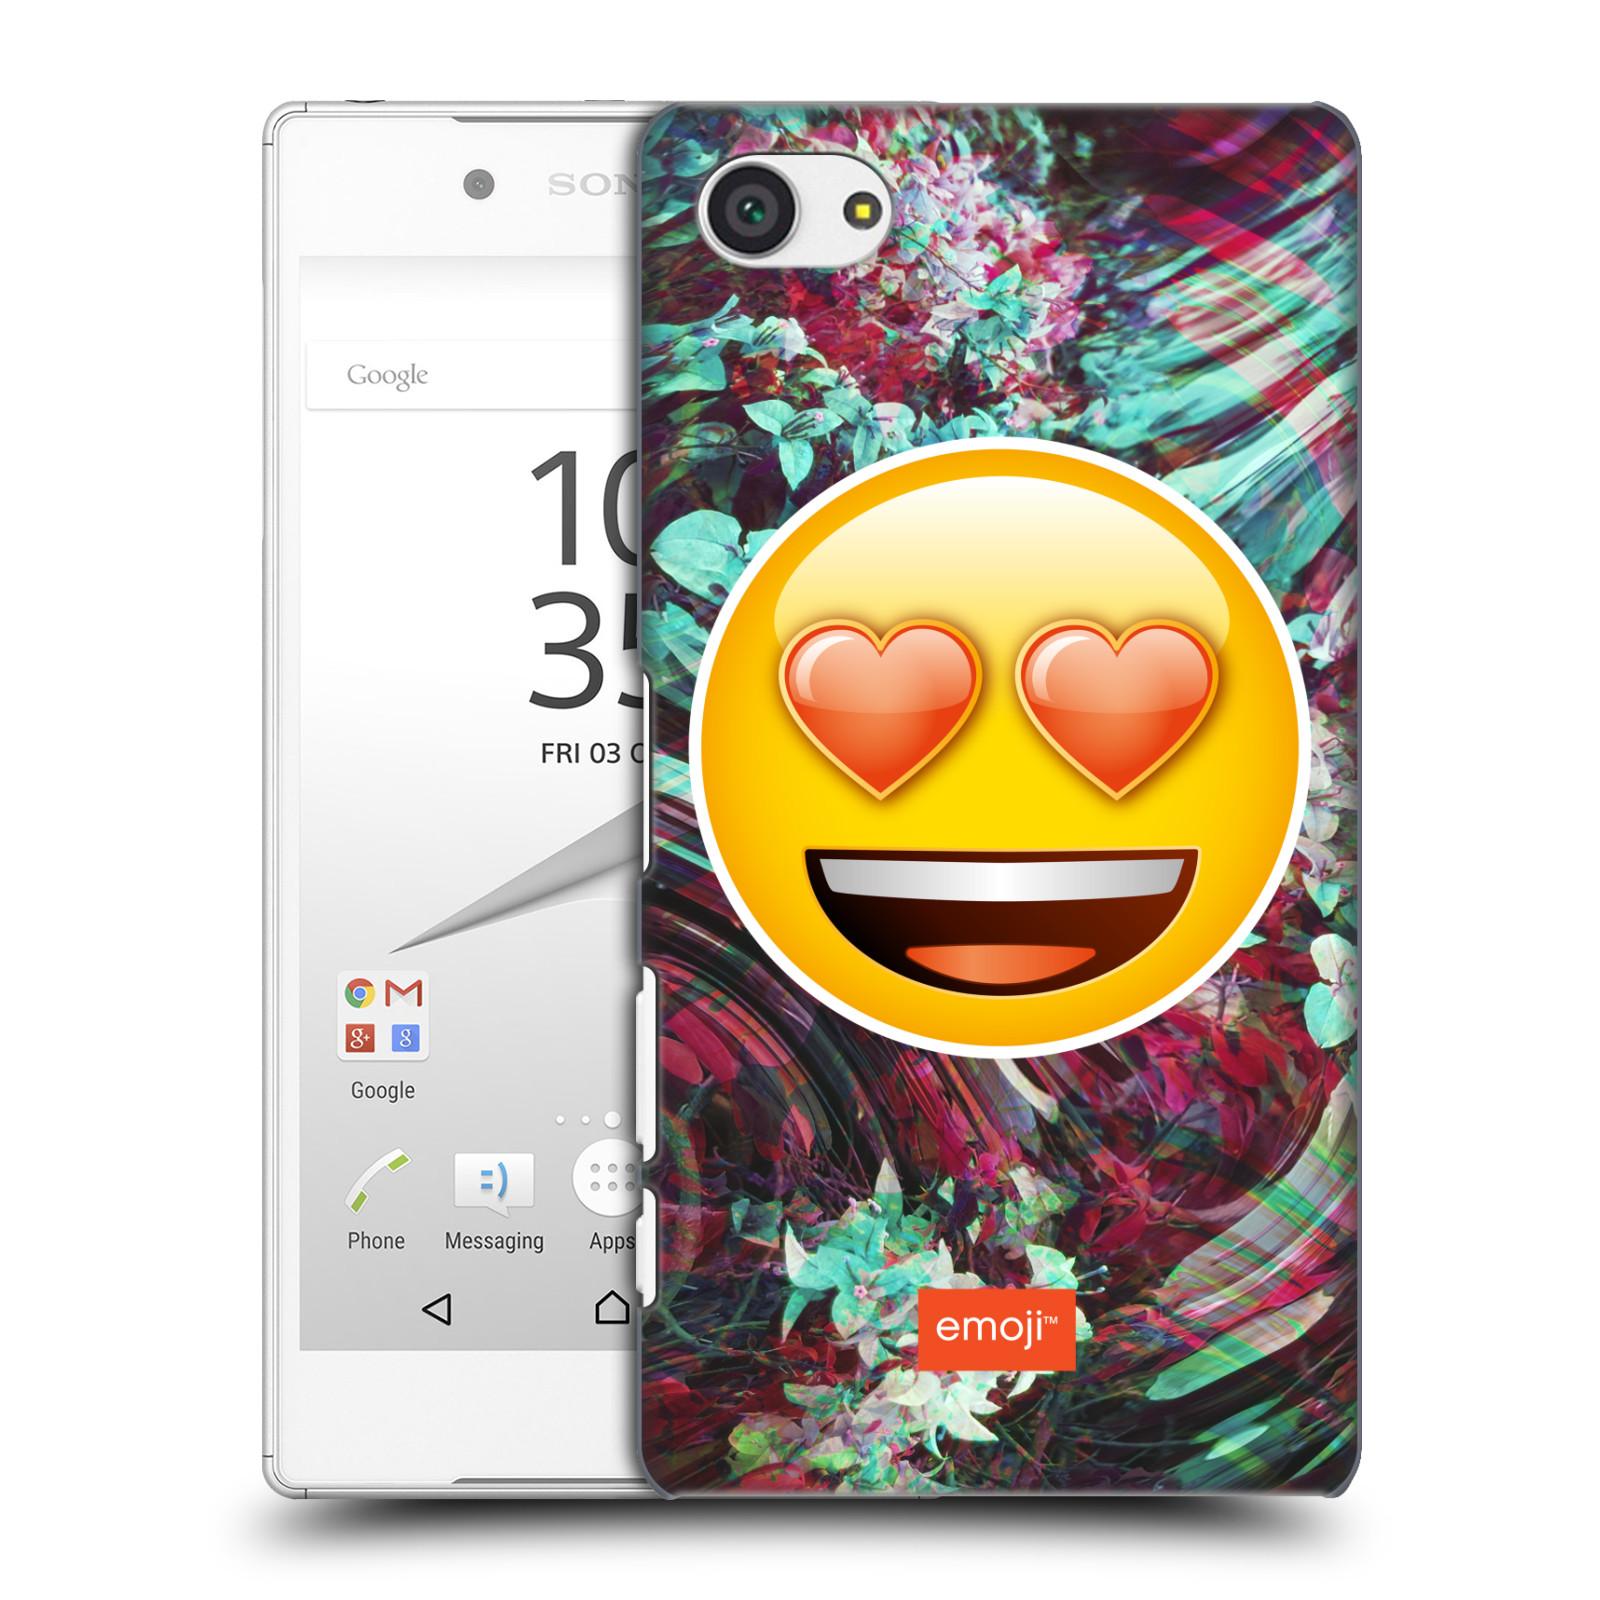 Pouzdro na mobil Sony Xperia Z5 COMPACT - HEAD CASE - Emoji smajlík srdíčka v očích